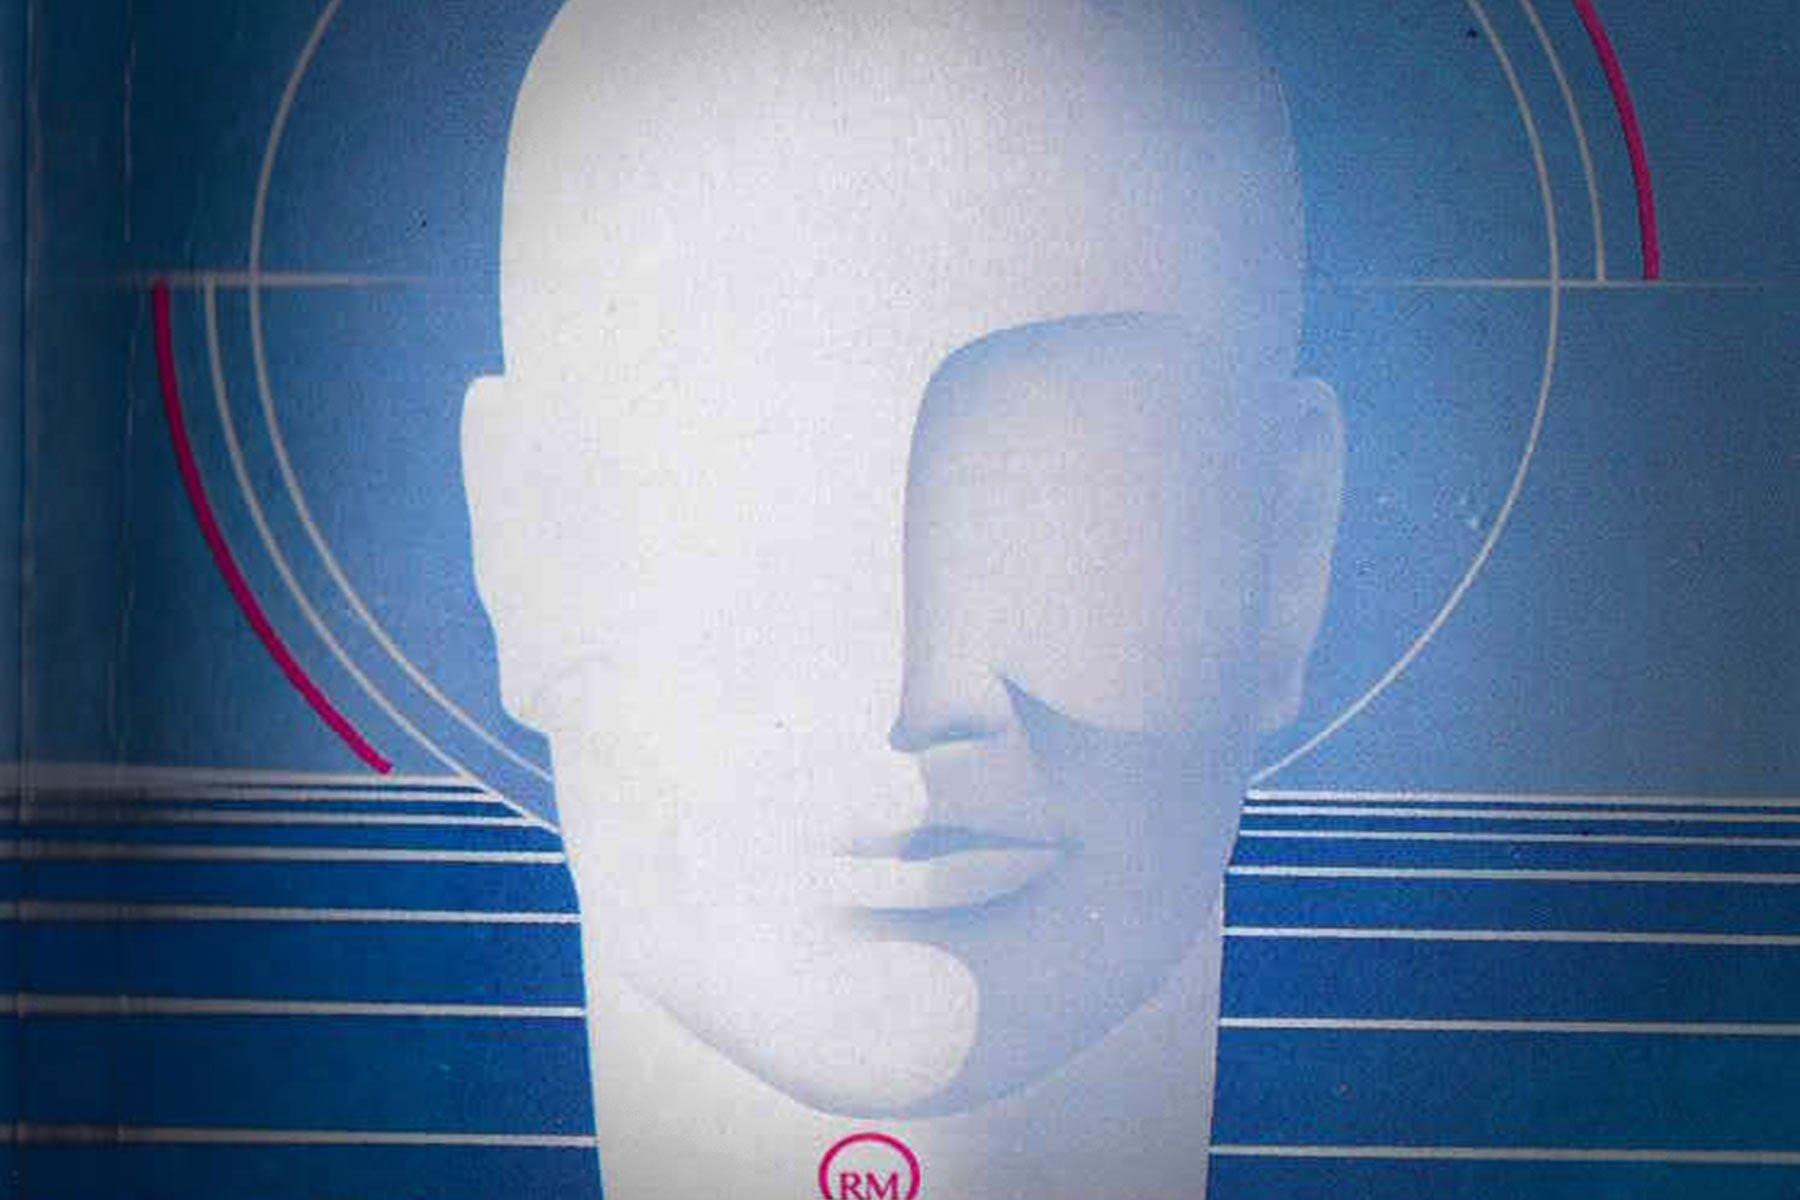 Auspensky, İnsanın Bilinmeyen Psikolojisi kitabının kapağından bir ayrıntı.